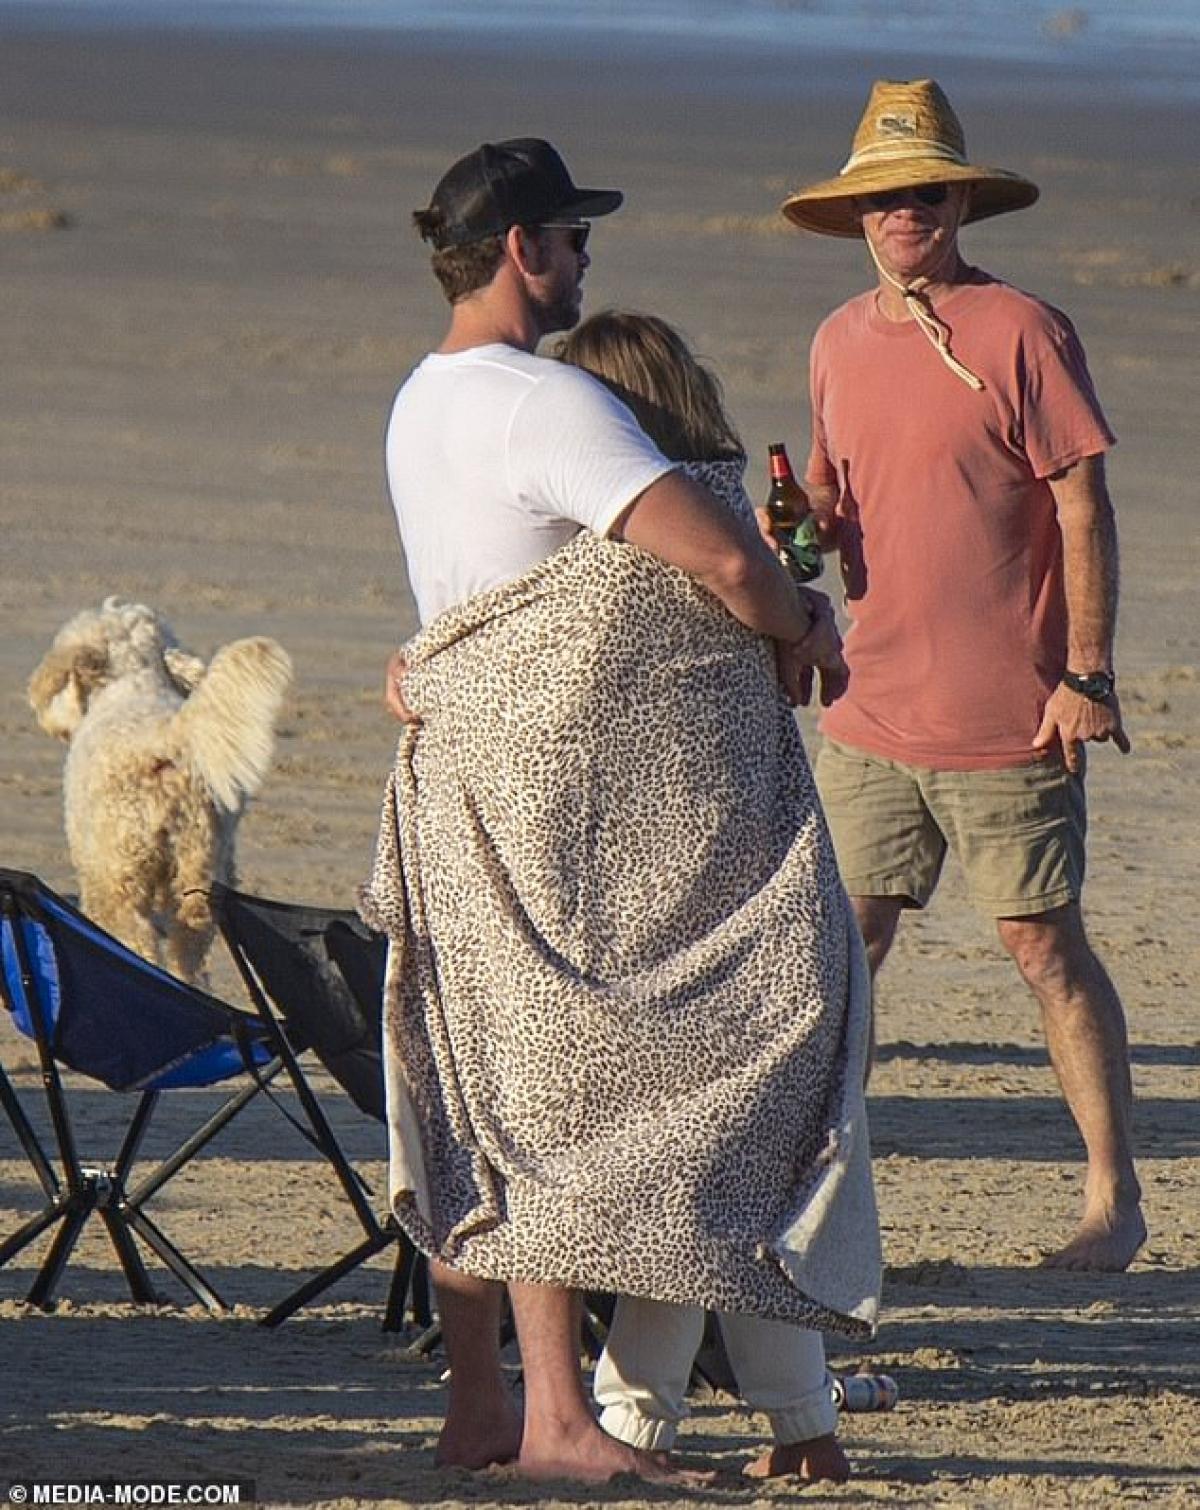 Thậm chí, anh còn quấn thêm khăn ủ ấm cho bạn gái.